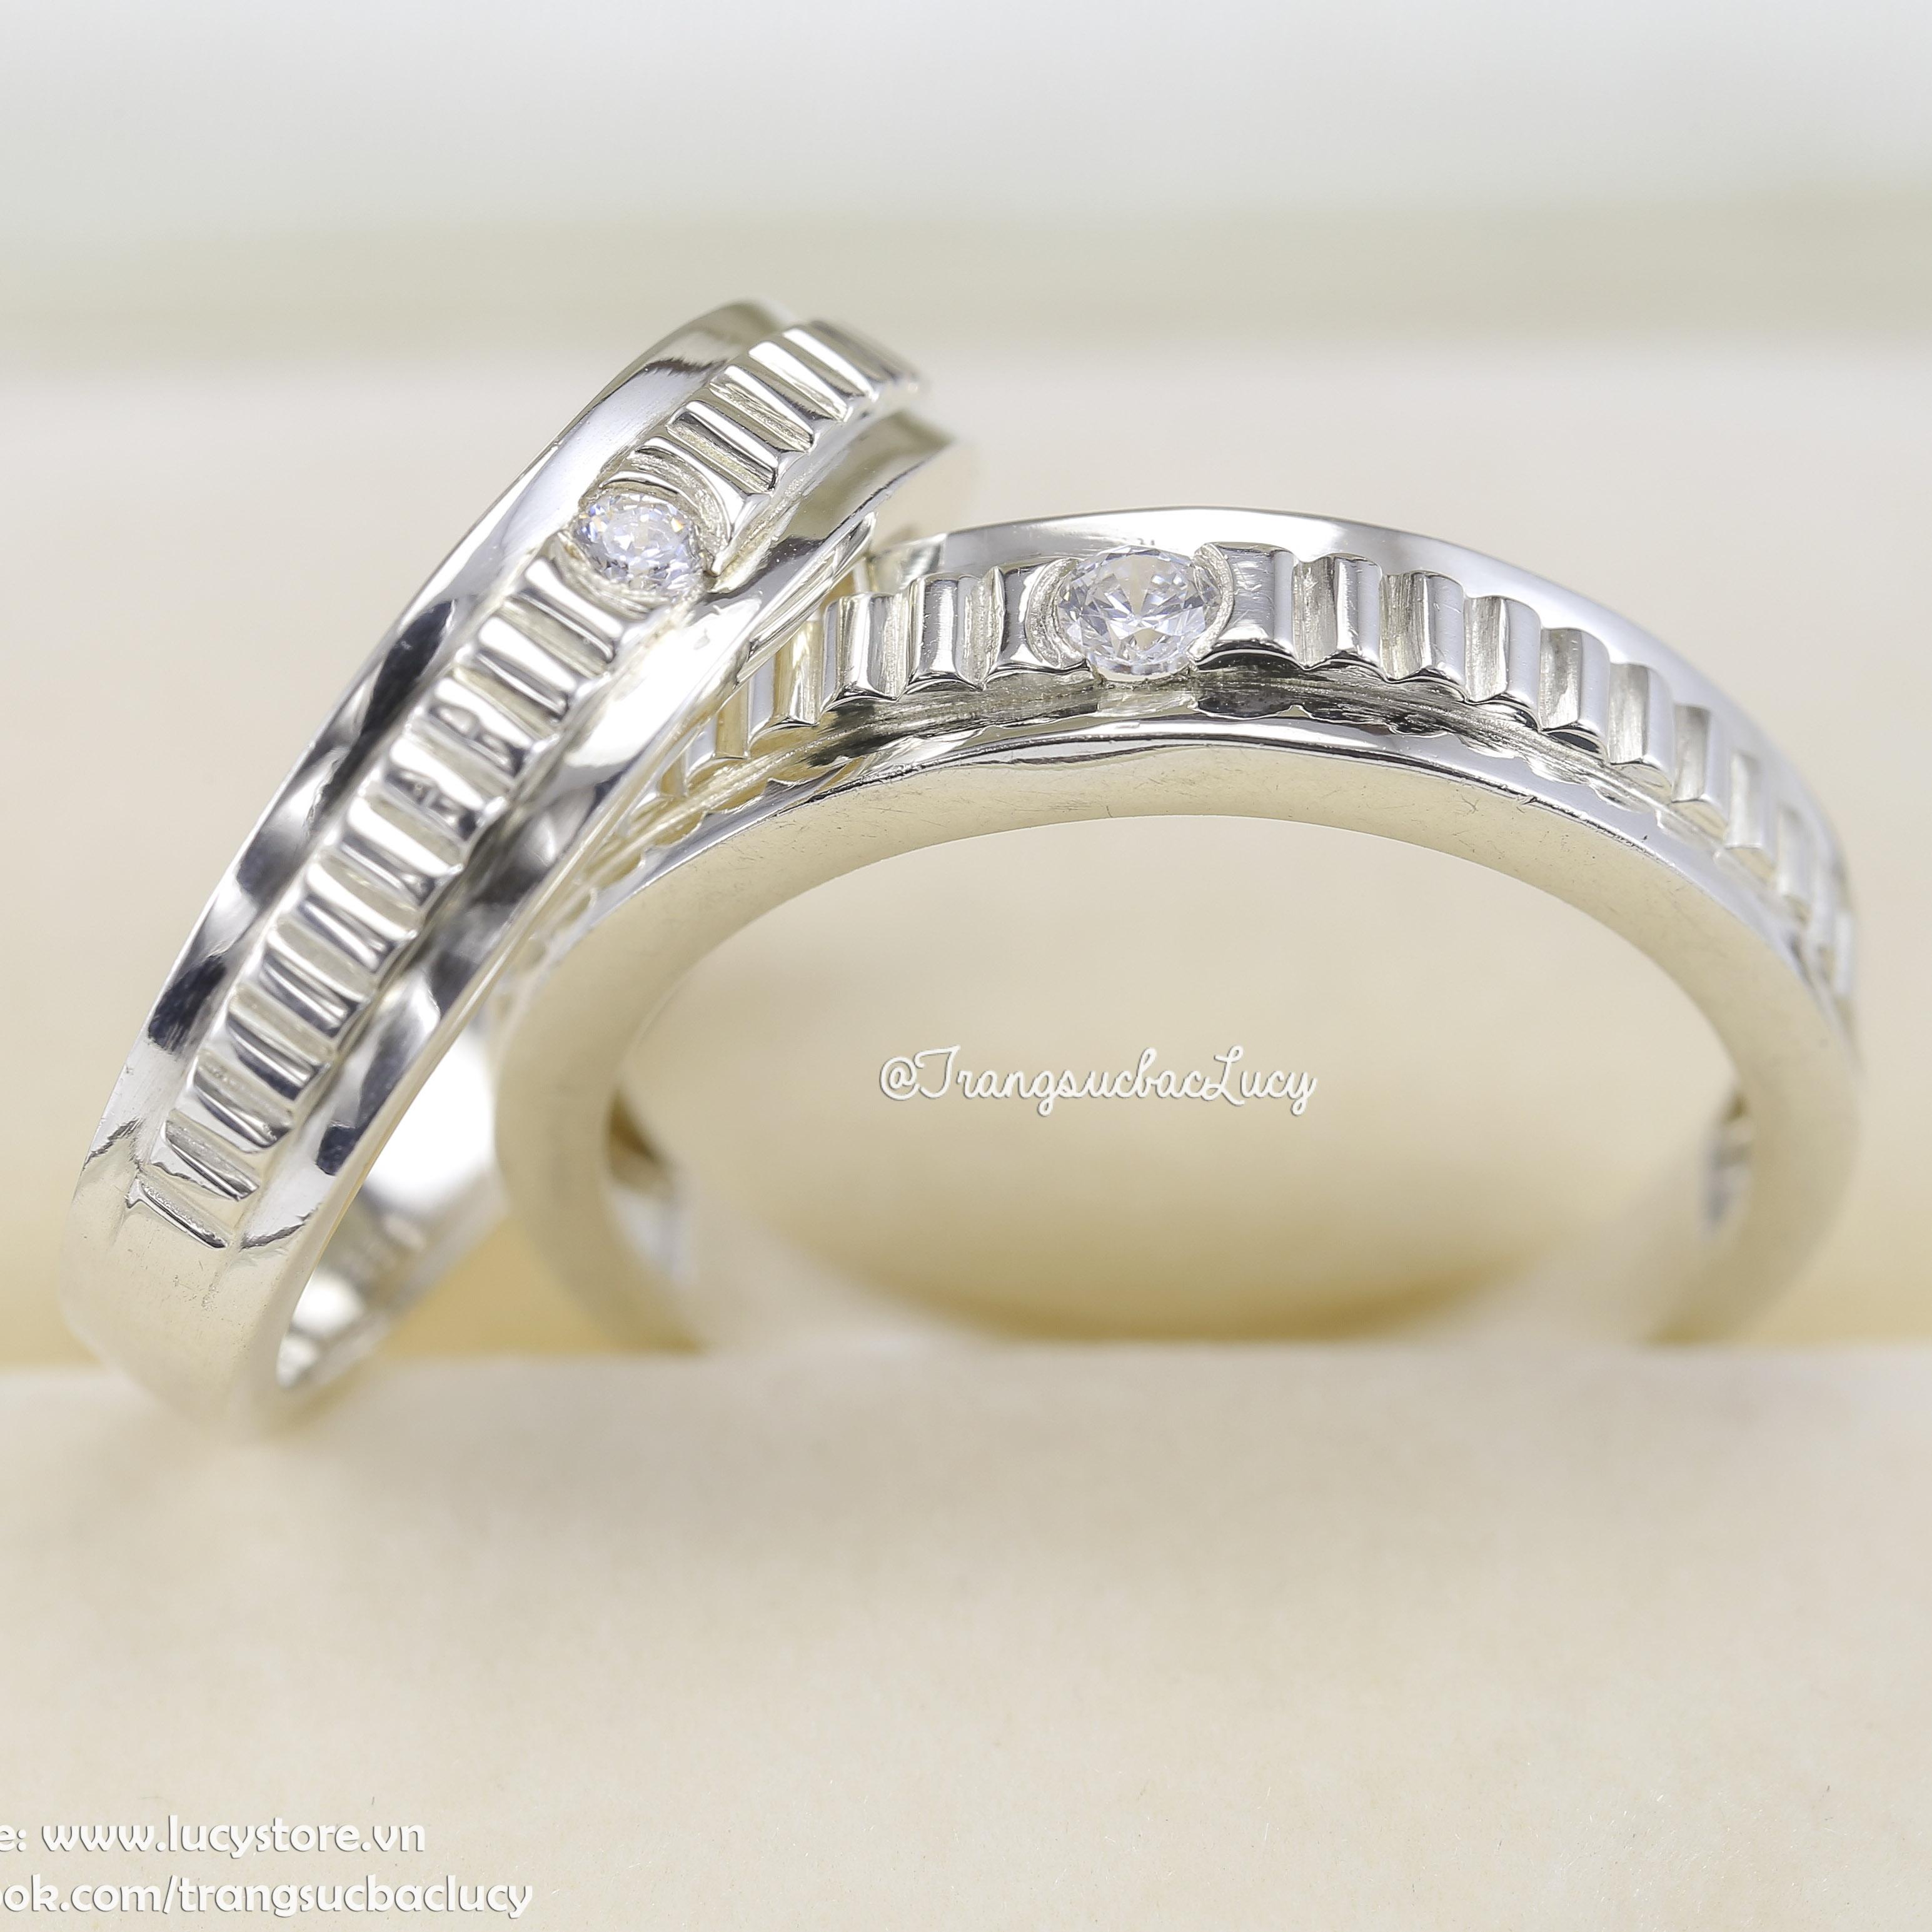 Nhẫn đôi nhẫn cặp bạc Lucy - ND044